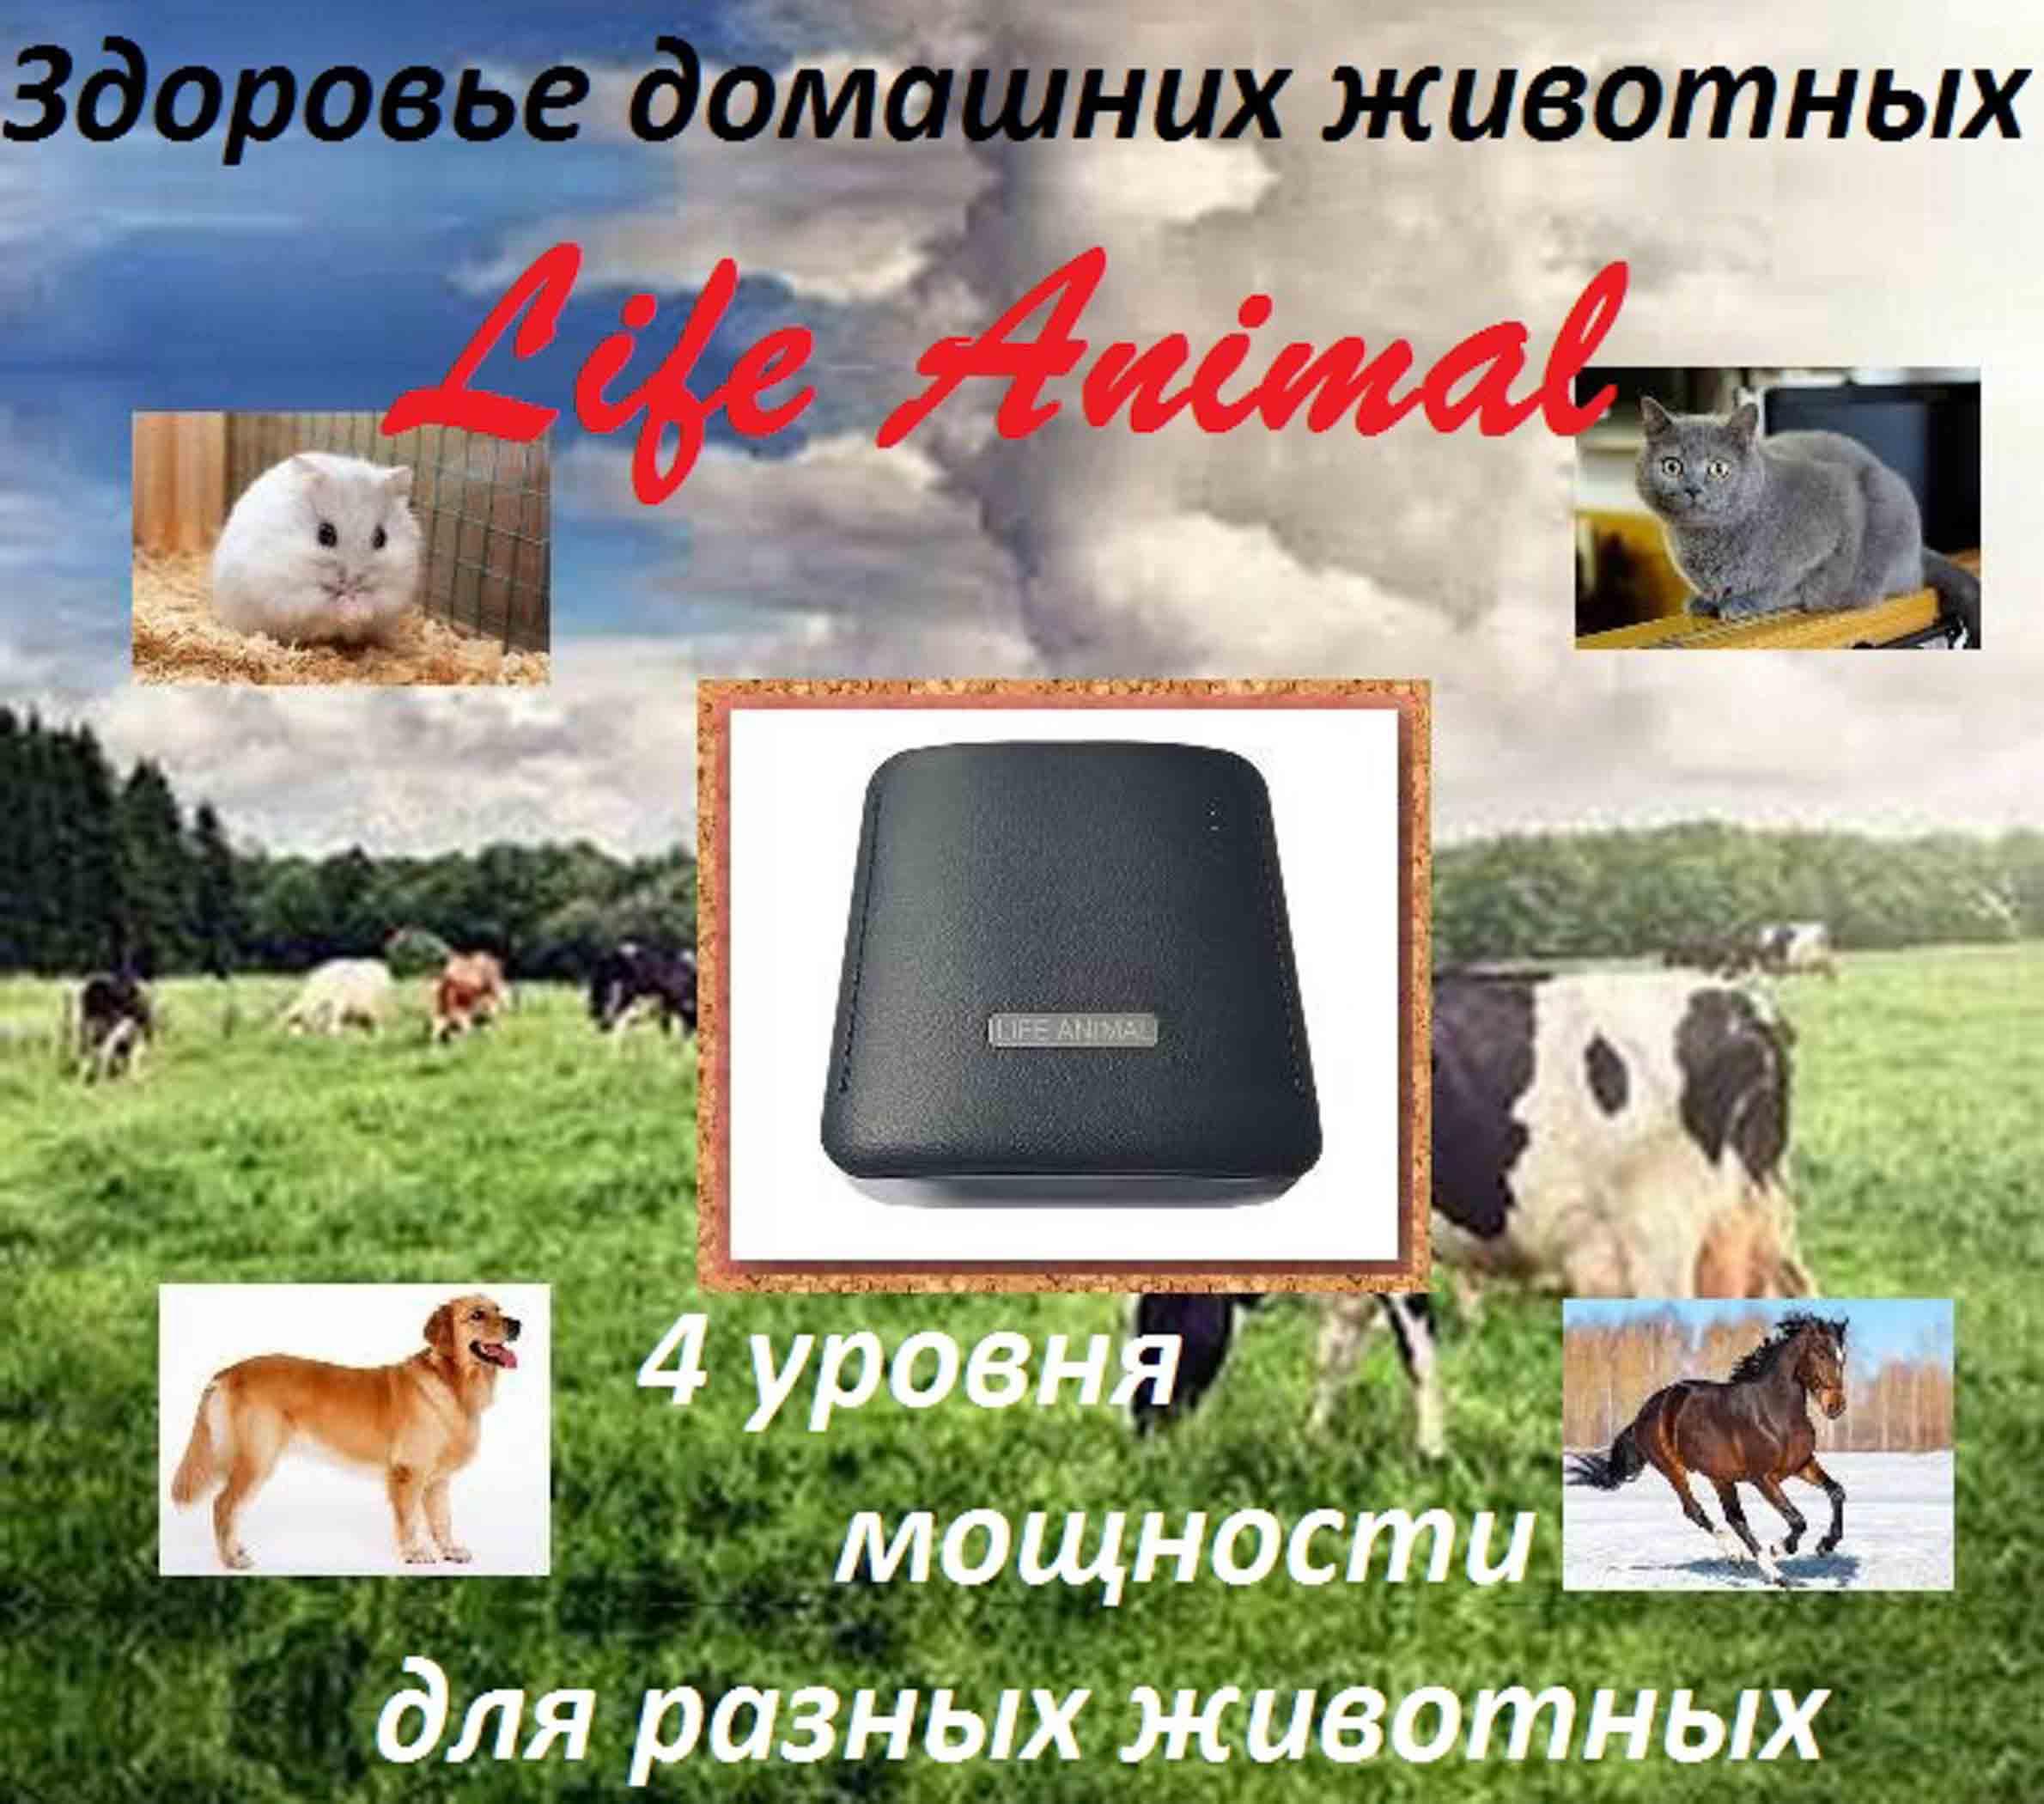 Лечение животных дома прибором Life Animal.  фото 1